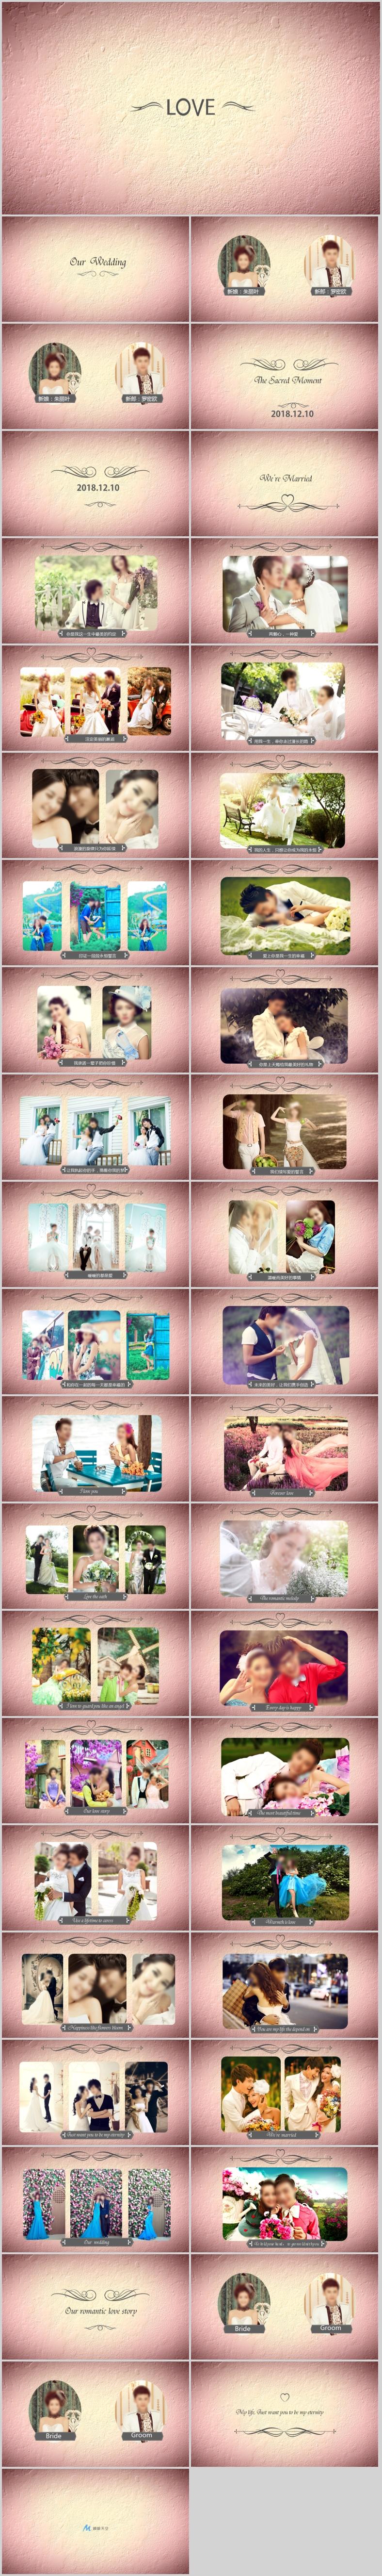 唯美梦幻的粉红色背景爱情电子相册PTT模板